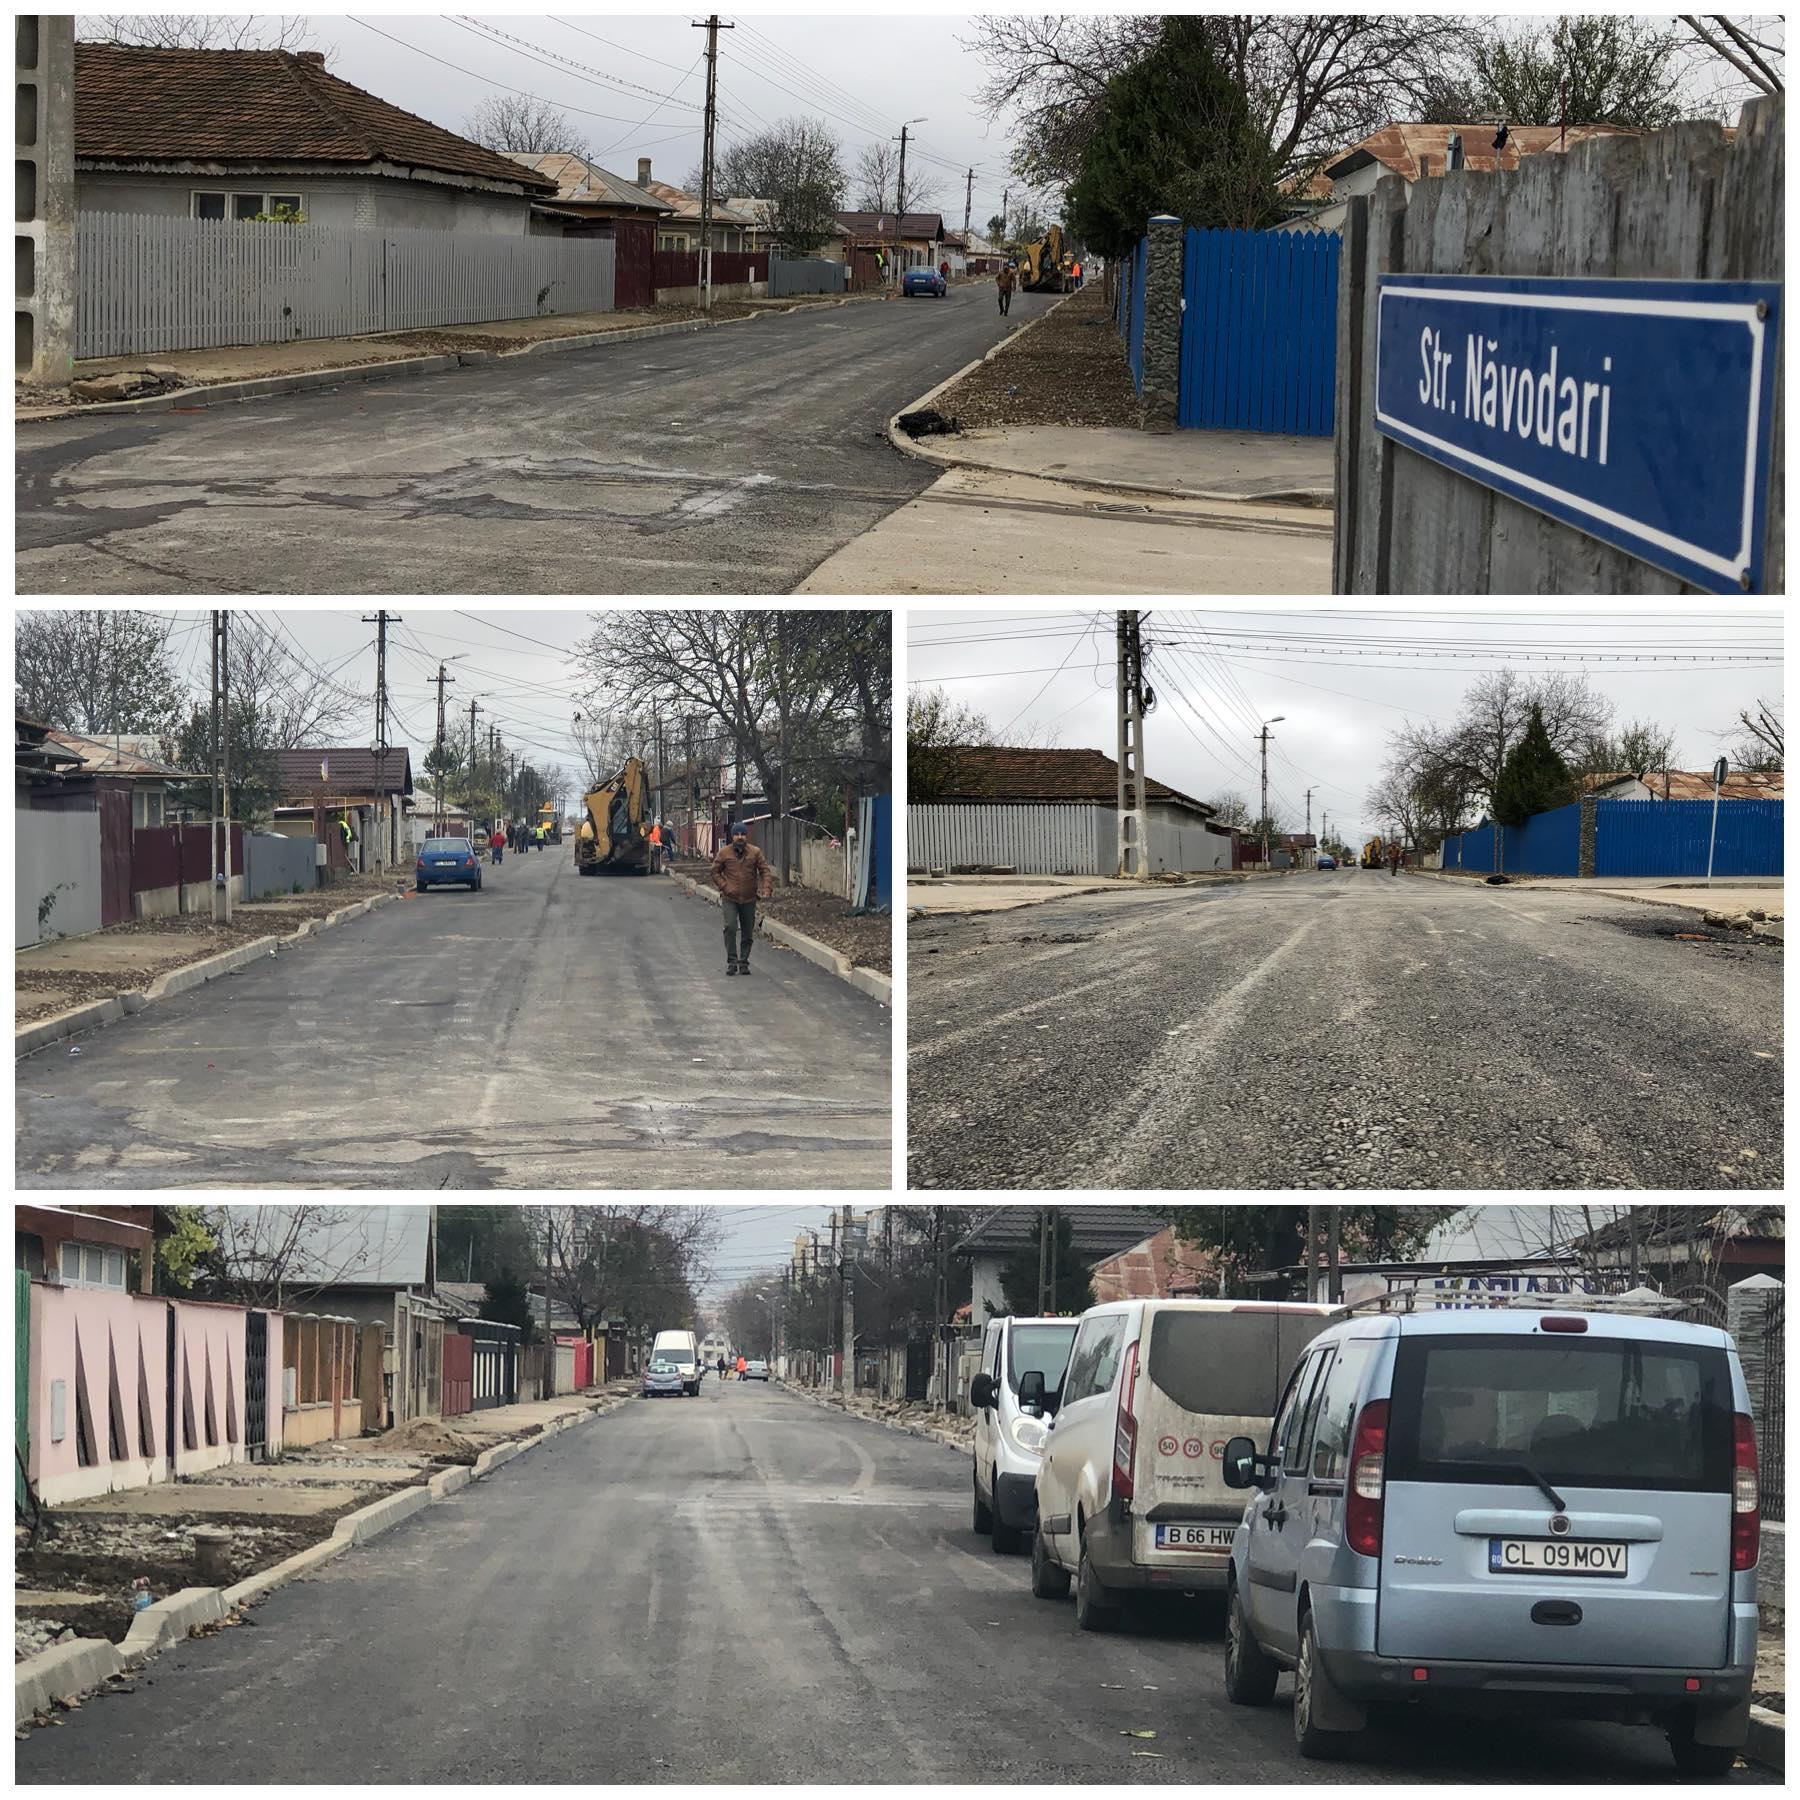 A fost finalizată turnarea primul strat de asfalt pe strada Năvodari